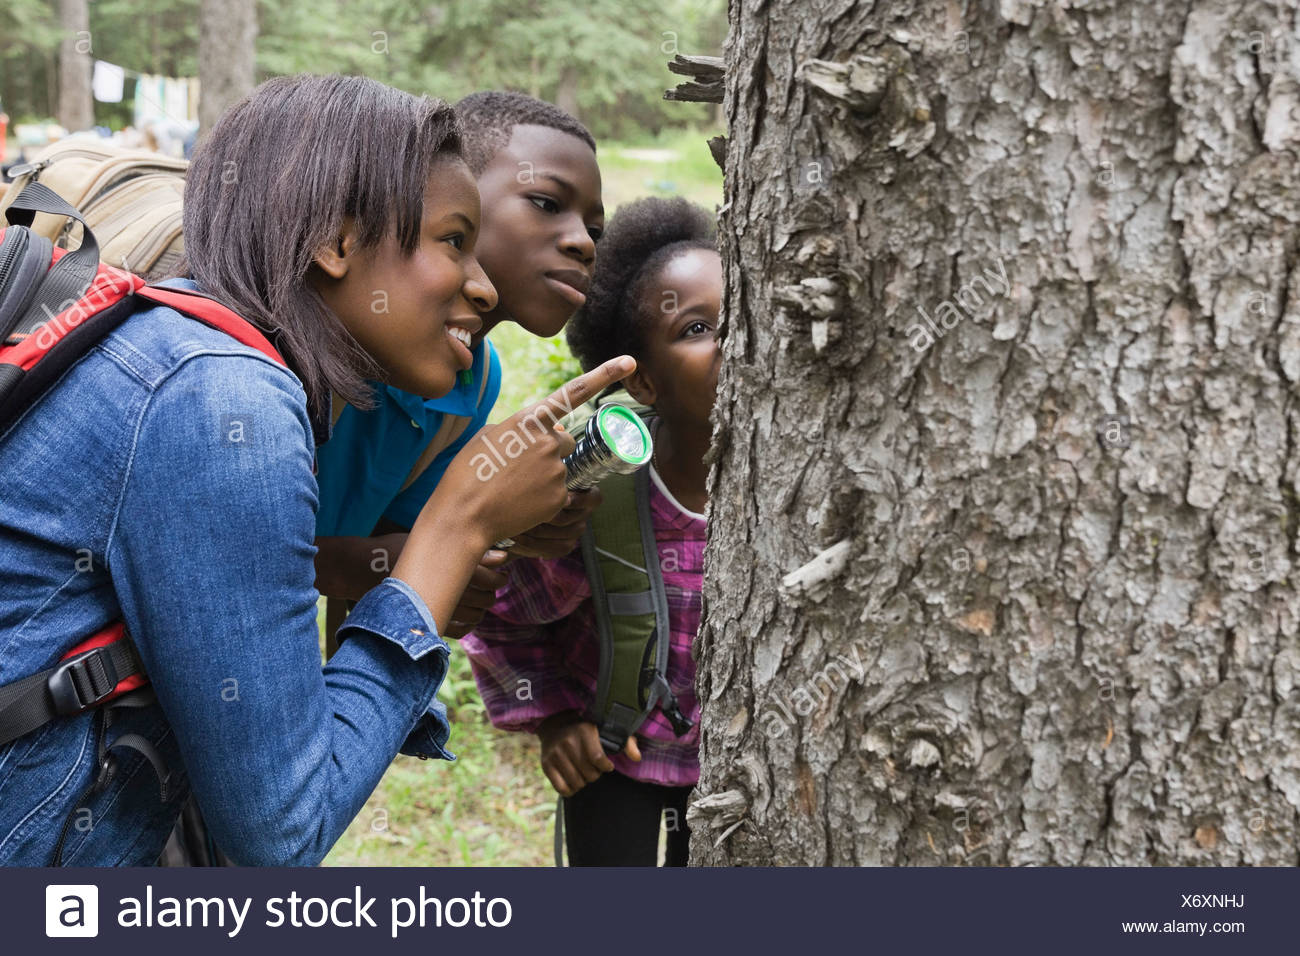 Siblings exploring tree bark - Stock Image